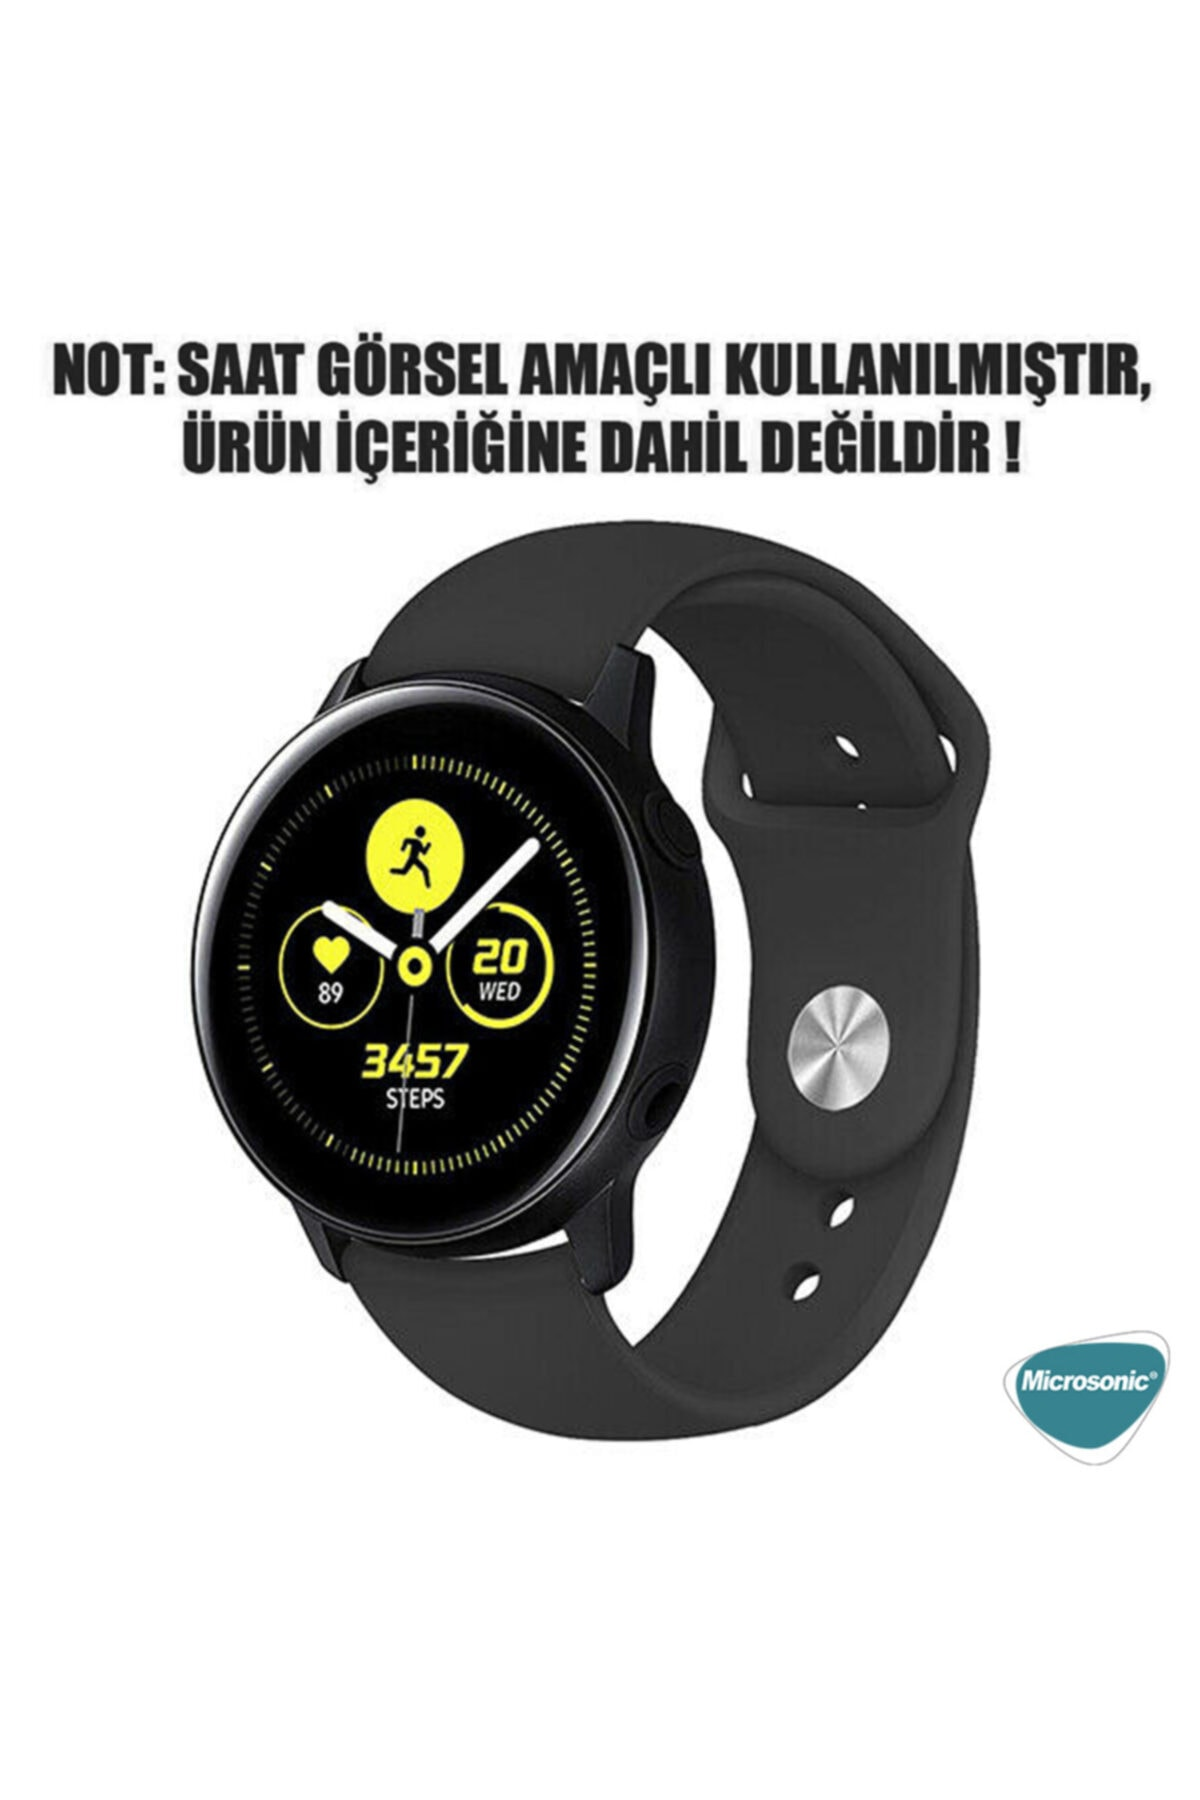 Microsonic Sarı Samsung Gear S3 Uyumlu Frontier Silicone Sport Band Kordon 2